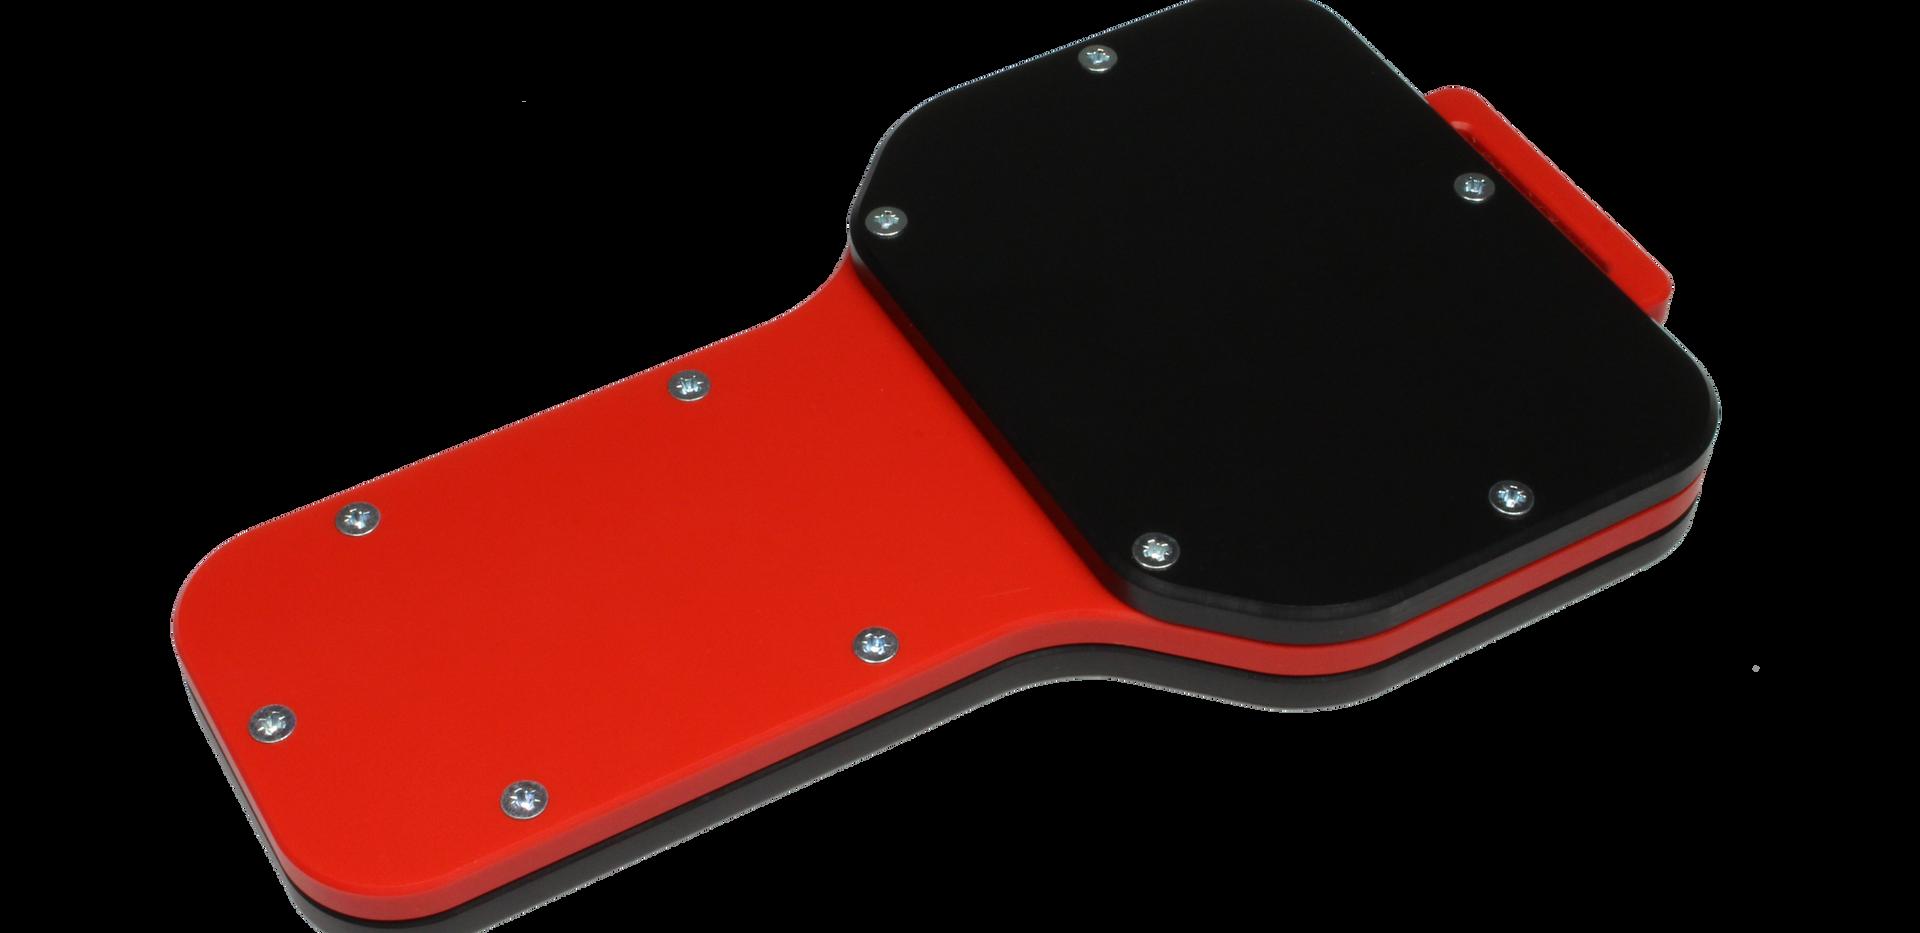 Custom industrial IP67 handheld enclosure